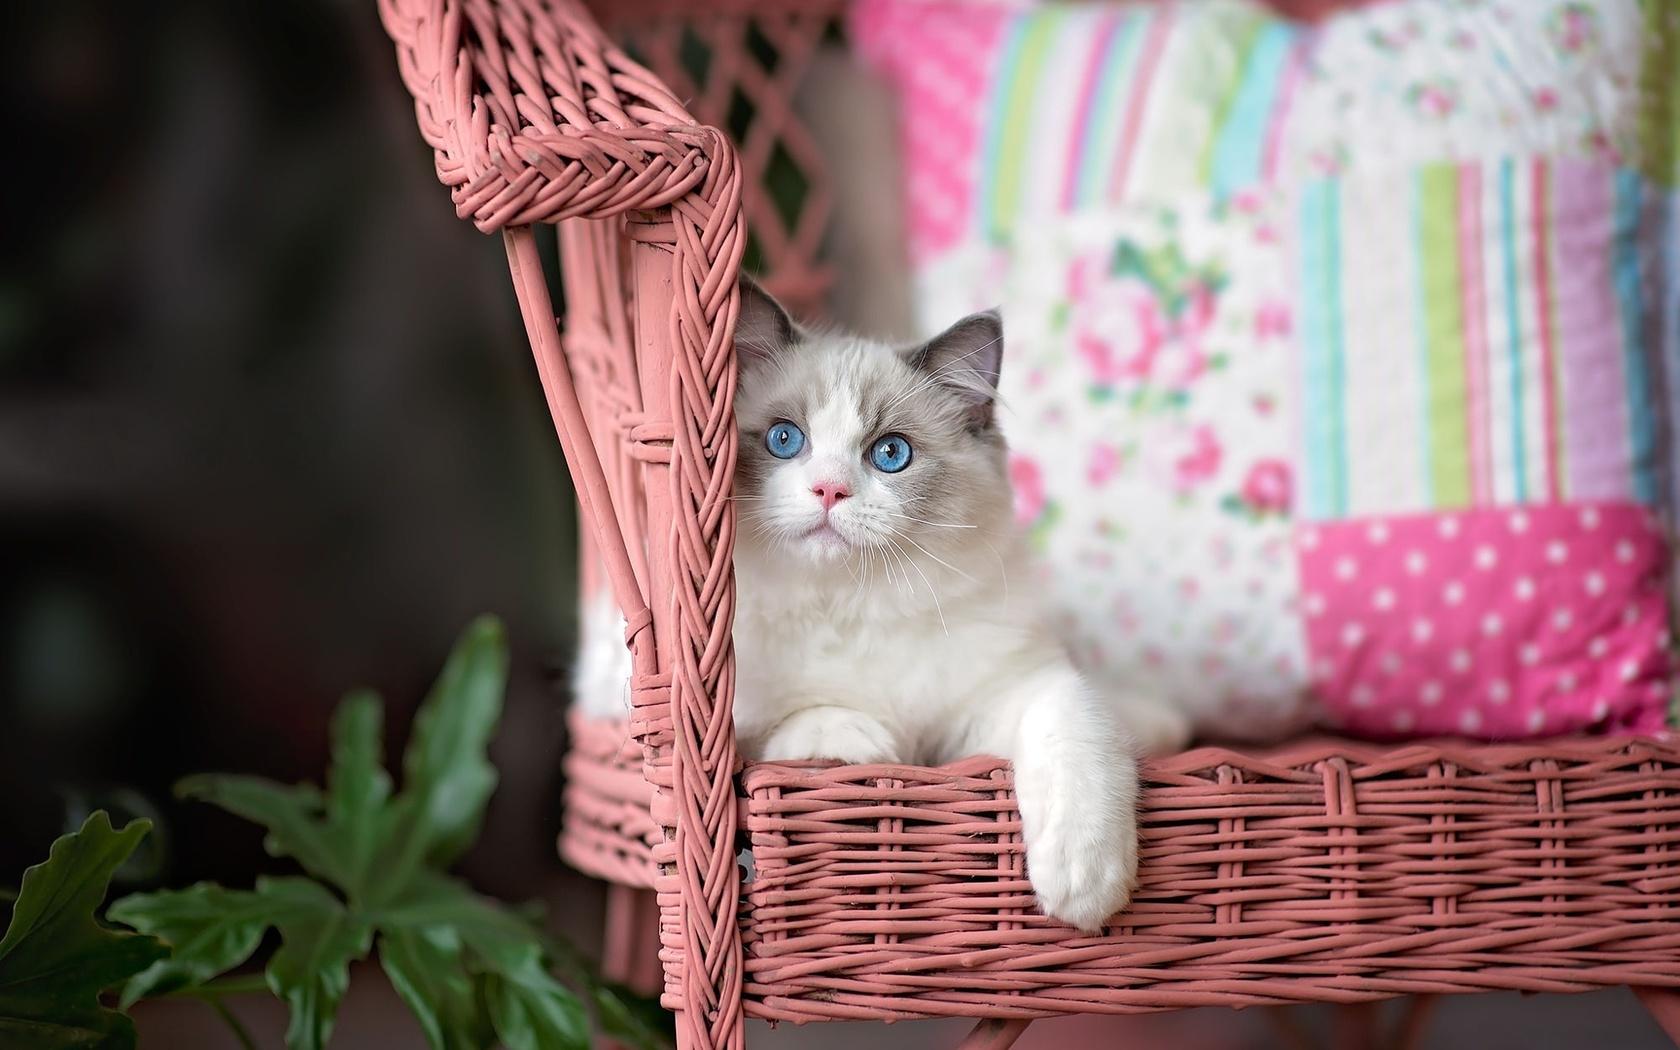 животное, кот, кошка, рэгдолл, кресло, подушки, листья